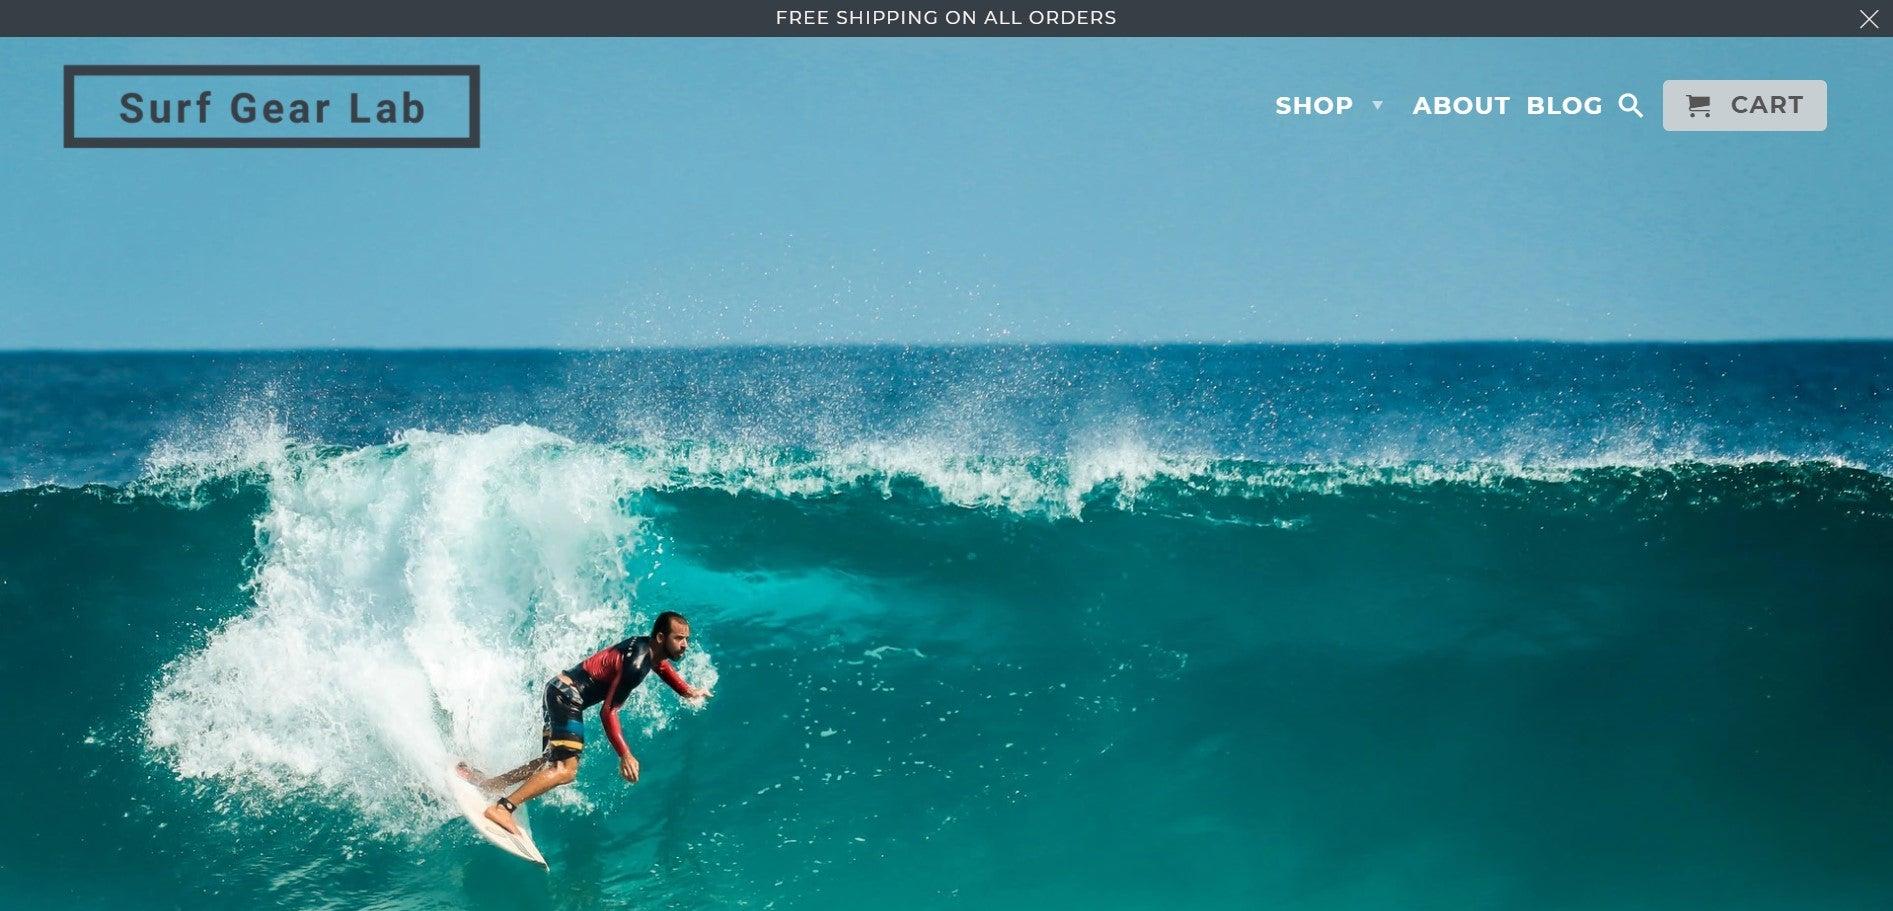 Surf Gear Lab website